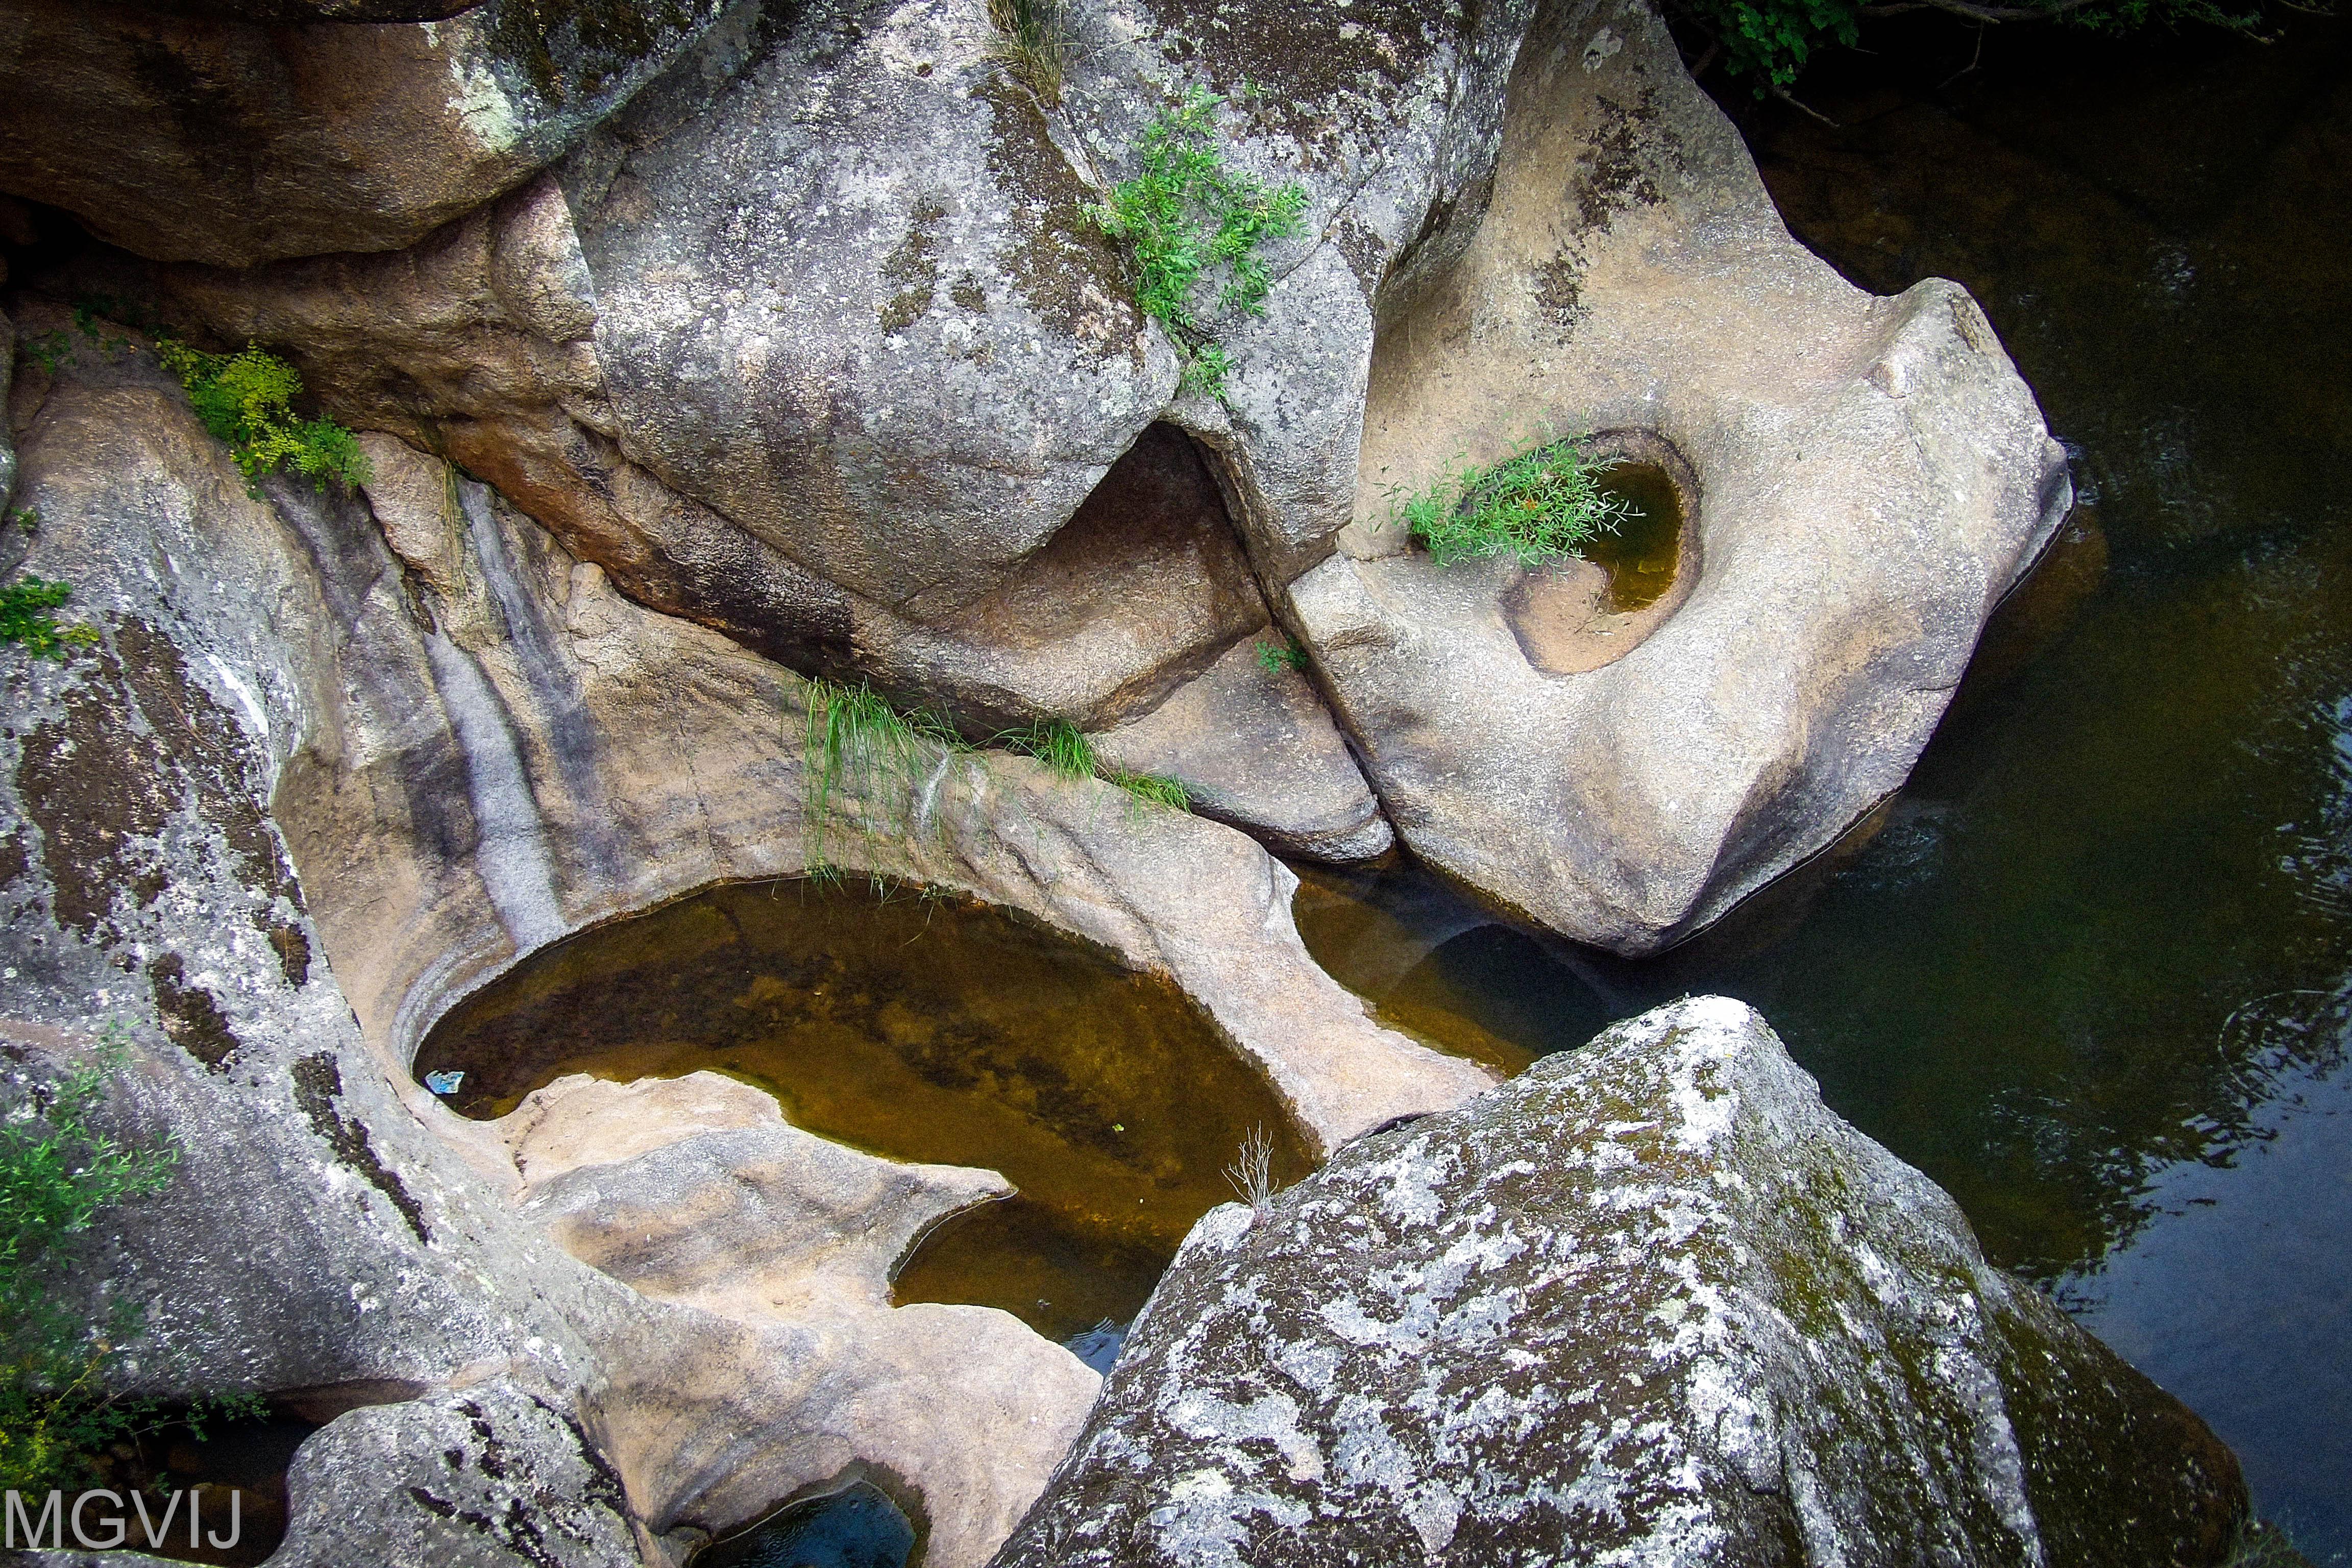 Cavidades formadas por la erosión fluvial en el geositio Marmitas de Gigante del Geoparque Villuercas Ibores Jara